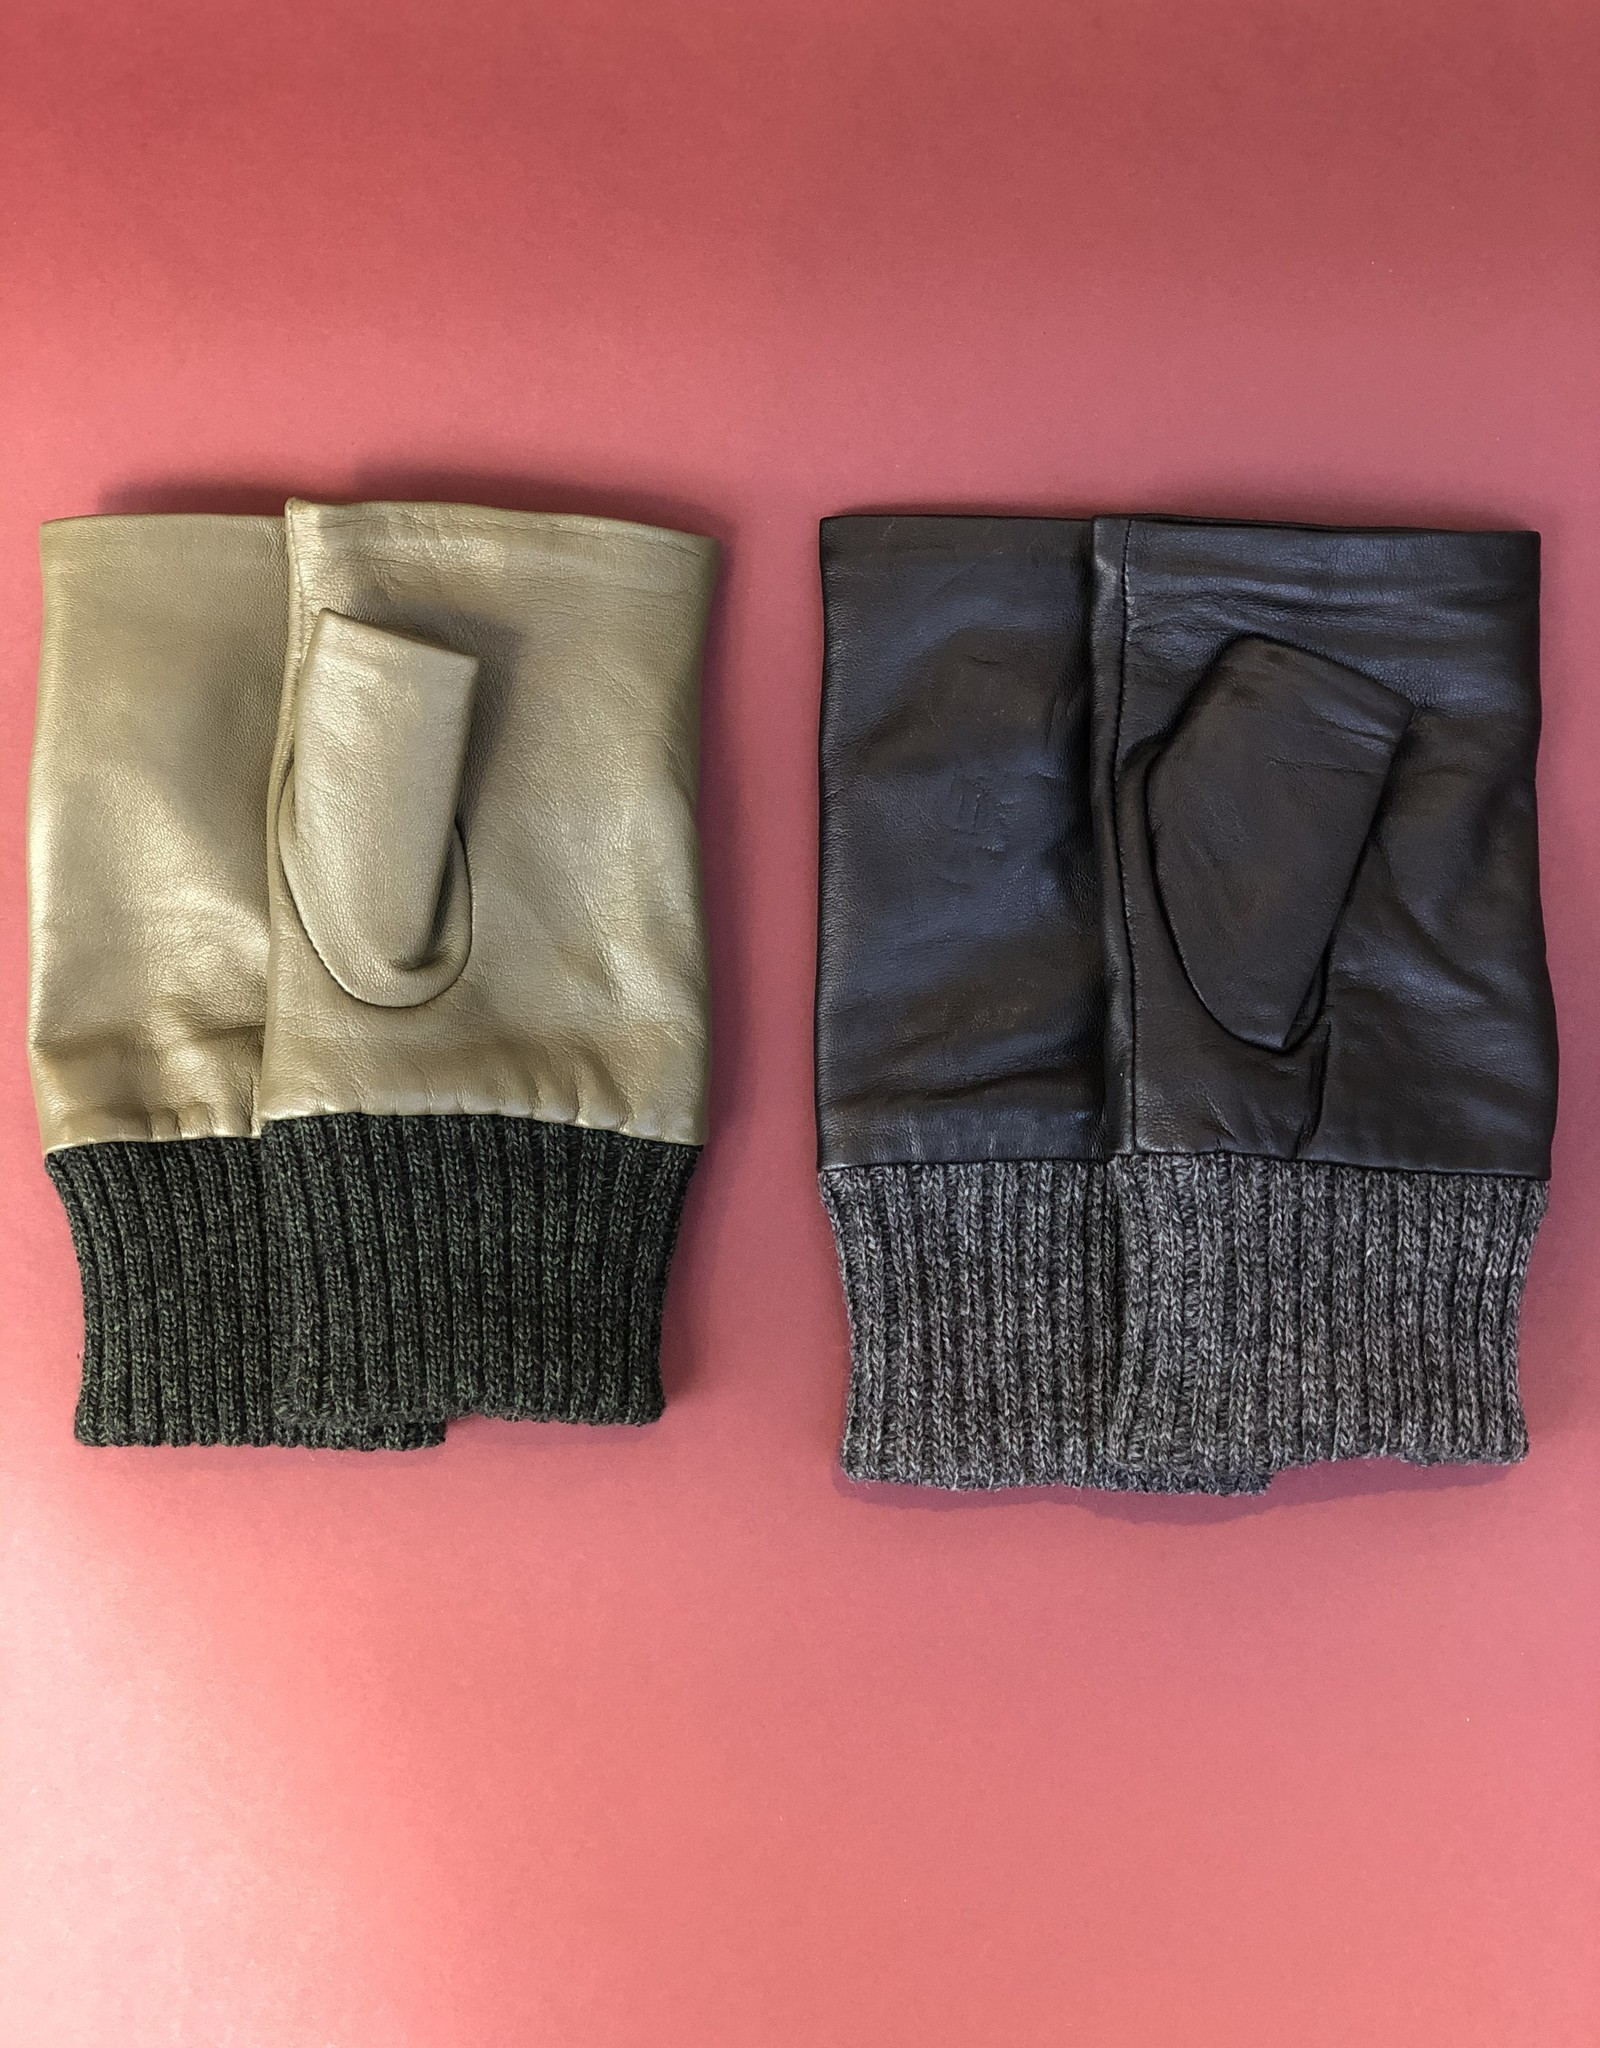 Ichi Ichi-Kayla Gloves